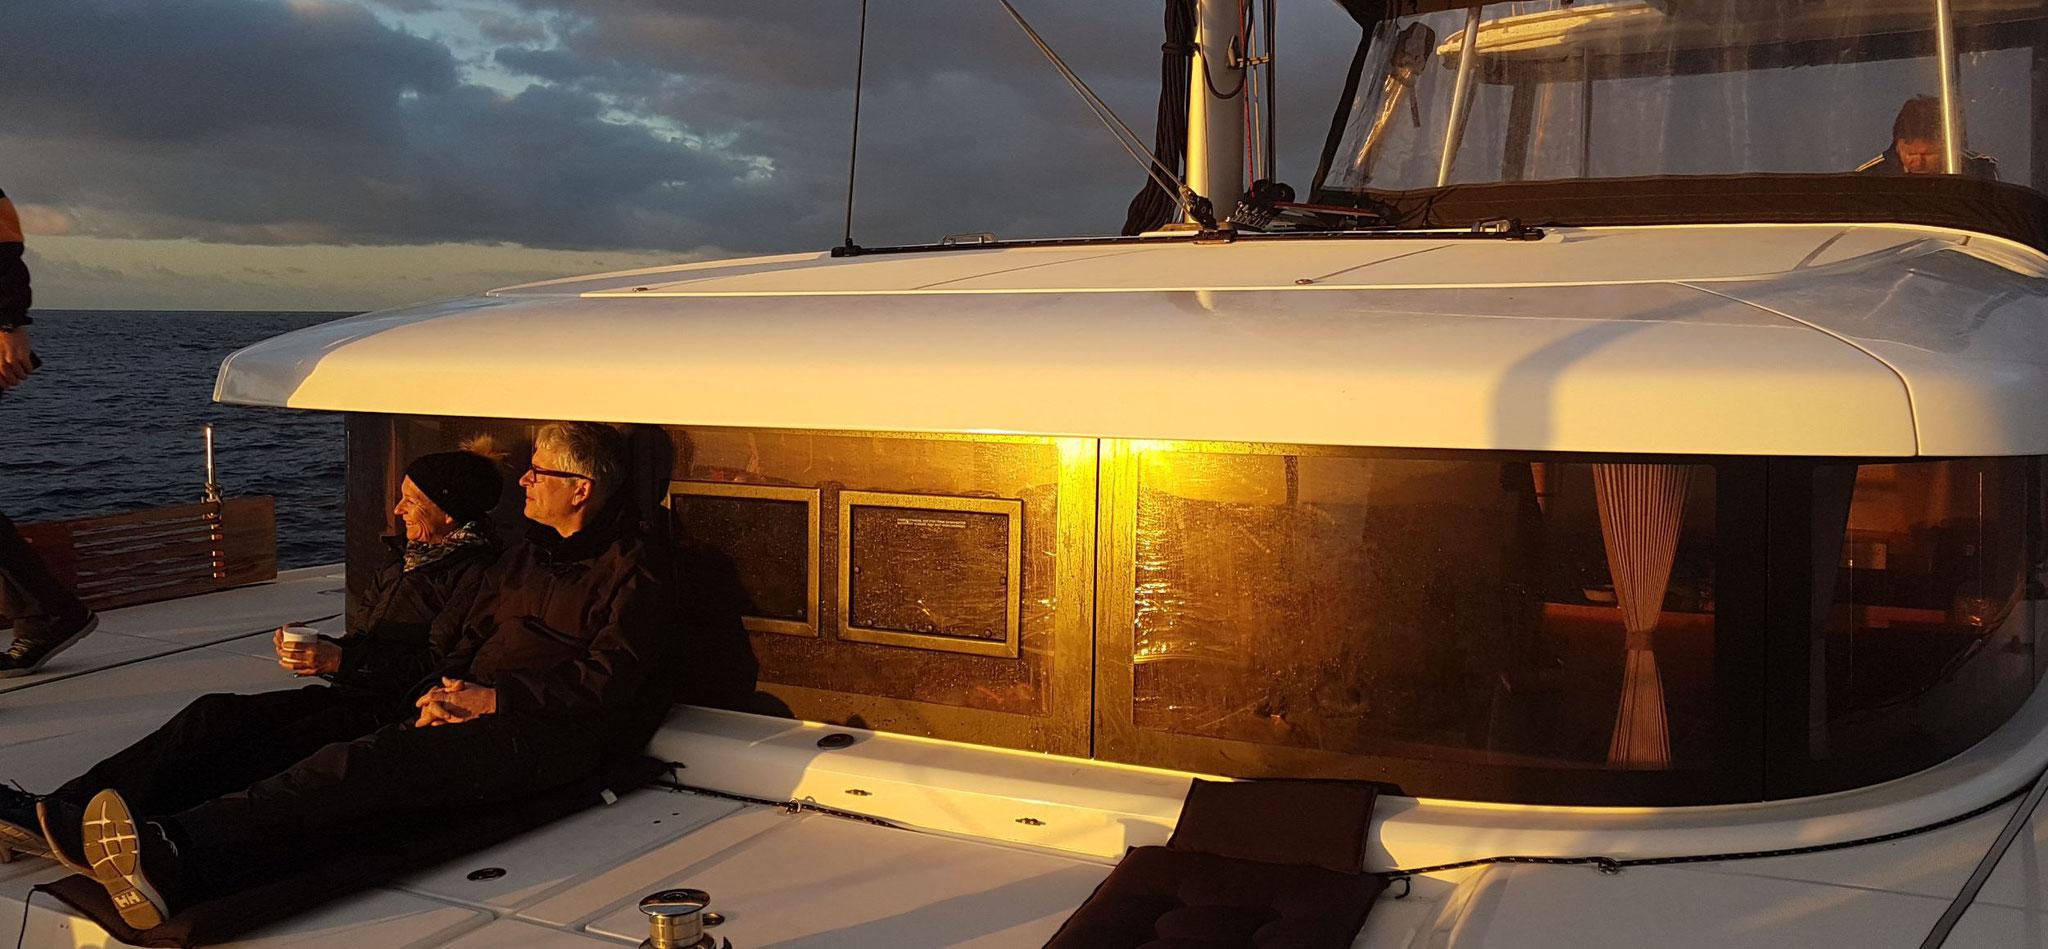 Genießen die Untersehende Sonne vor die Yachtcharterwoche wieder zu Ende geht.